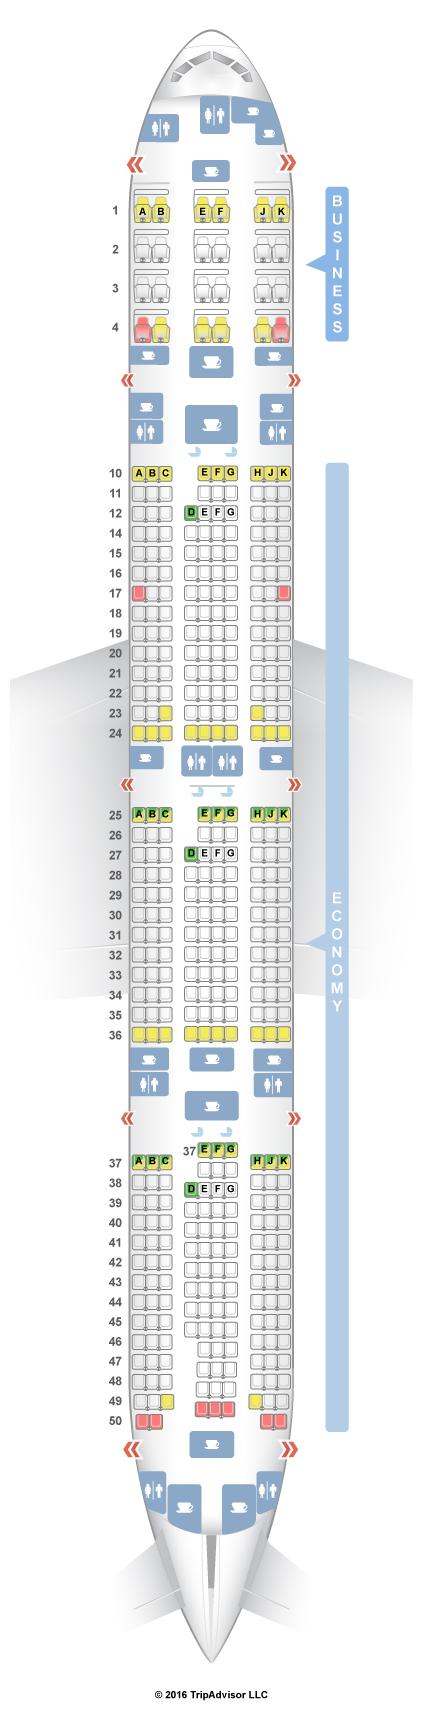 SeatGuru Seat Map Qatar Airways Boeing 777-300ER (77W) V2